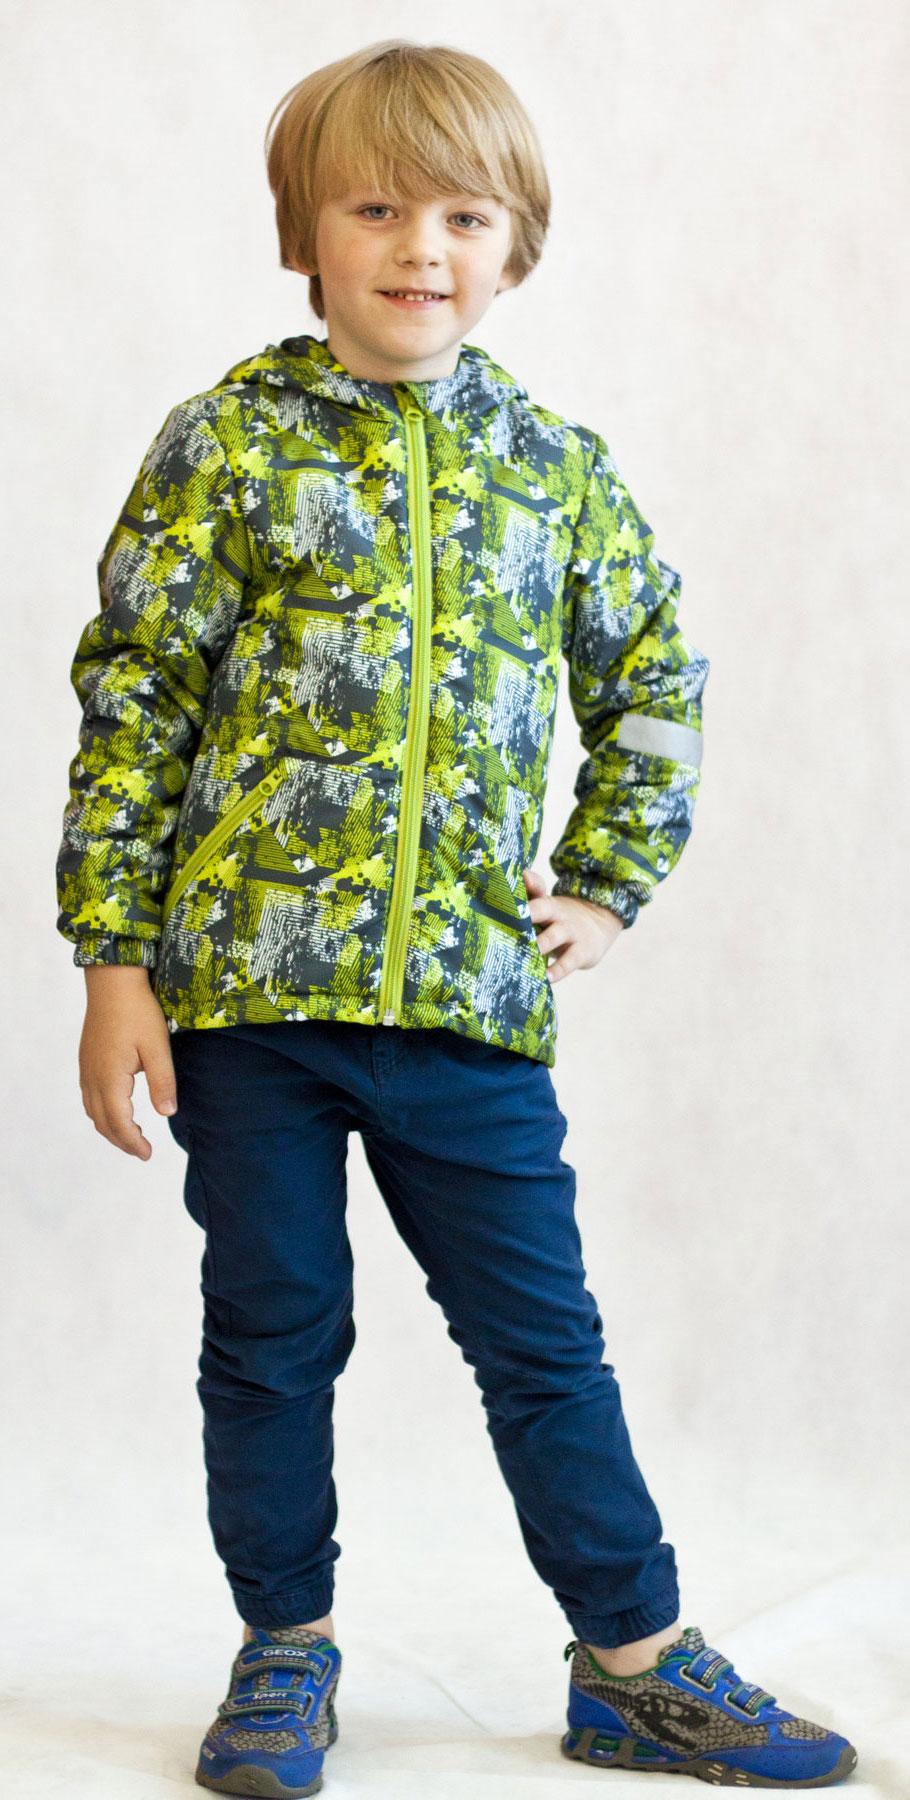 Куртка для мальчика Jicco Илар, цвет: серый, салатовый. 2К1719. Размер 104, 4 года2К1719Легкая и удобная весенняя куртка Илар от Jicco By Oldos отлично подойдет для прохладной весенней погоды. Модель выполнена из полиэстера со специальным водоотталкивающим покрытием, застегивается на молнию. Благодаря утеплителю Hollofan плотностью 100 г/м2 куртку можно носить при температуре +10…-5°С. Она прекрасно защитит от ветра и весеннего дождика. Куртка имеет все самое необходимое для комфортной носки. Внутренняя ветрозащитная планка по всей длине молнии с защитой подбородка от прищемления. Низ куртки регулируется по ширине. Капюшон несъемный, для лучшего прилегания по краям вшита резинка. Манжеты присобраны на резинку. Есть светоотражающие элементы и карманы на молнии.